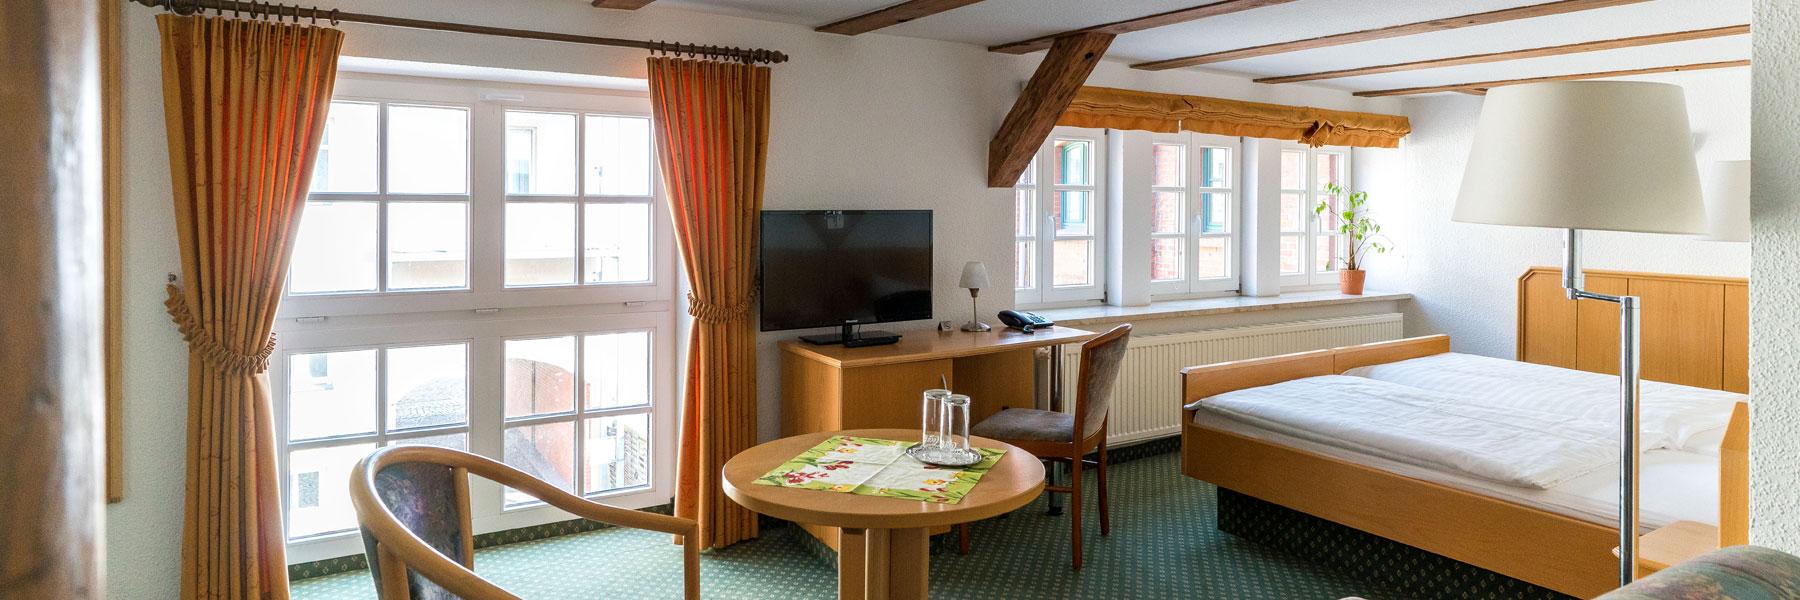 Zimmeransicht - Hotel Am Schloß